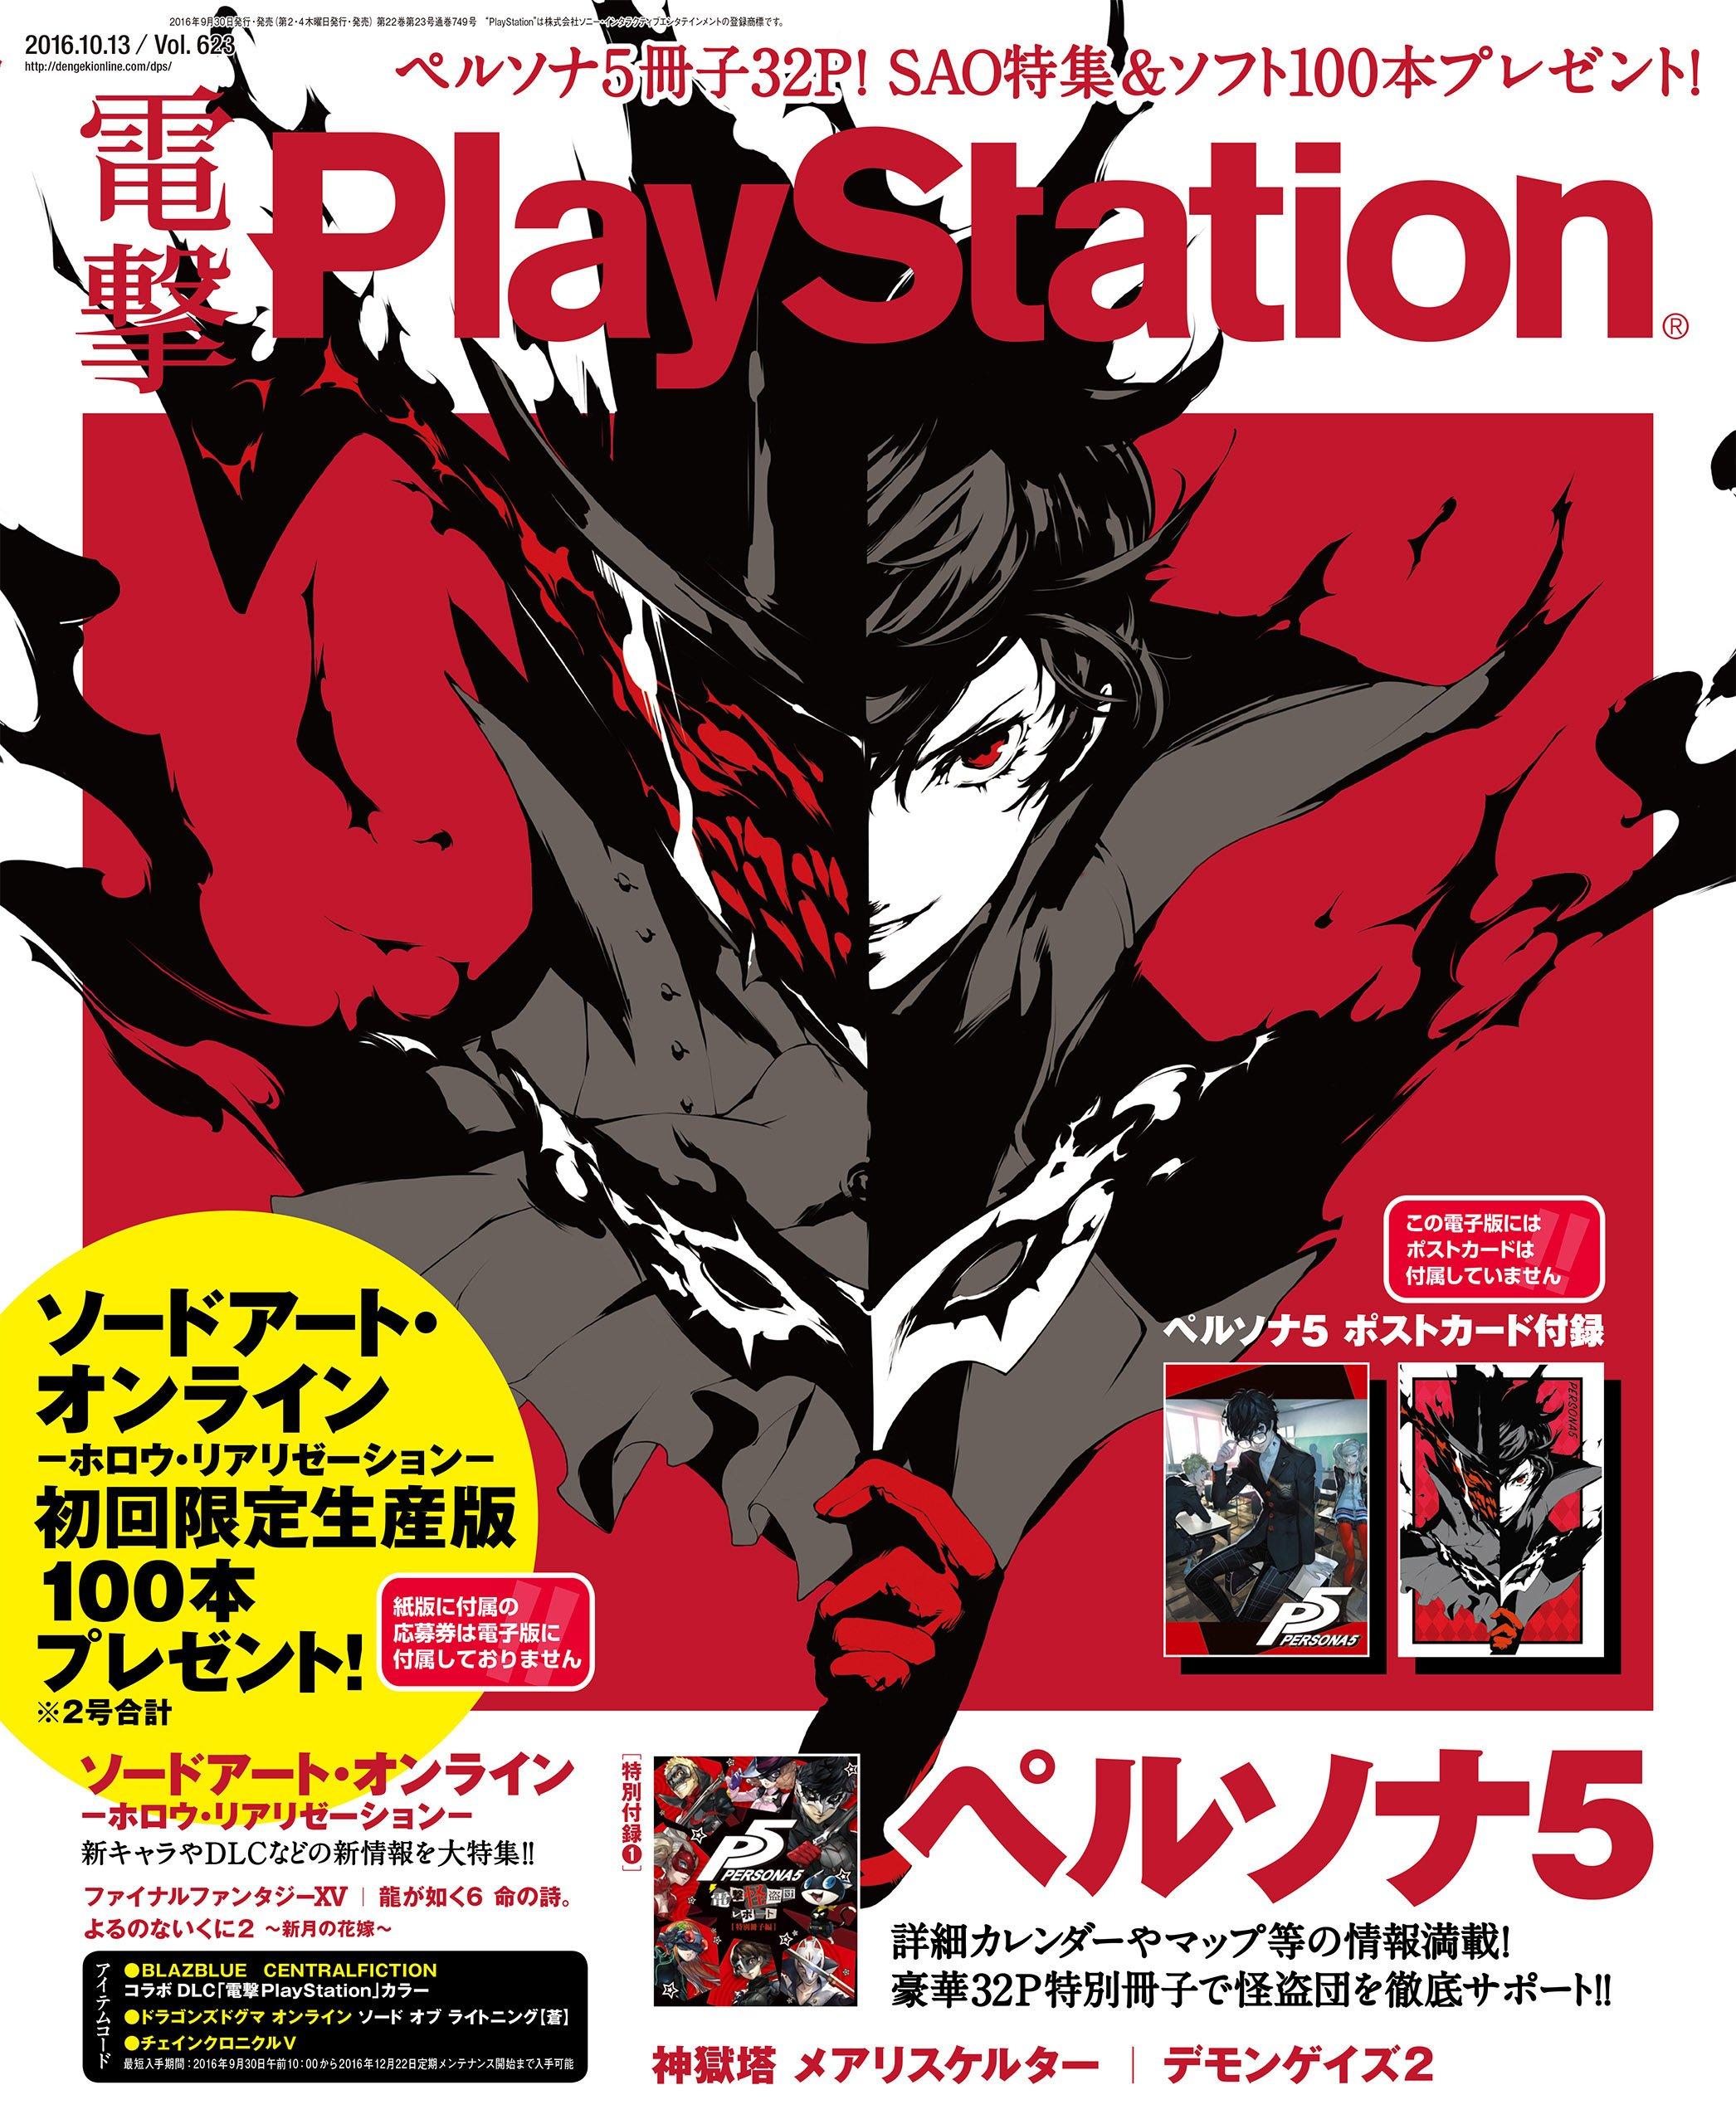 Dengeki PlayStation 623 (October 13, 2016)